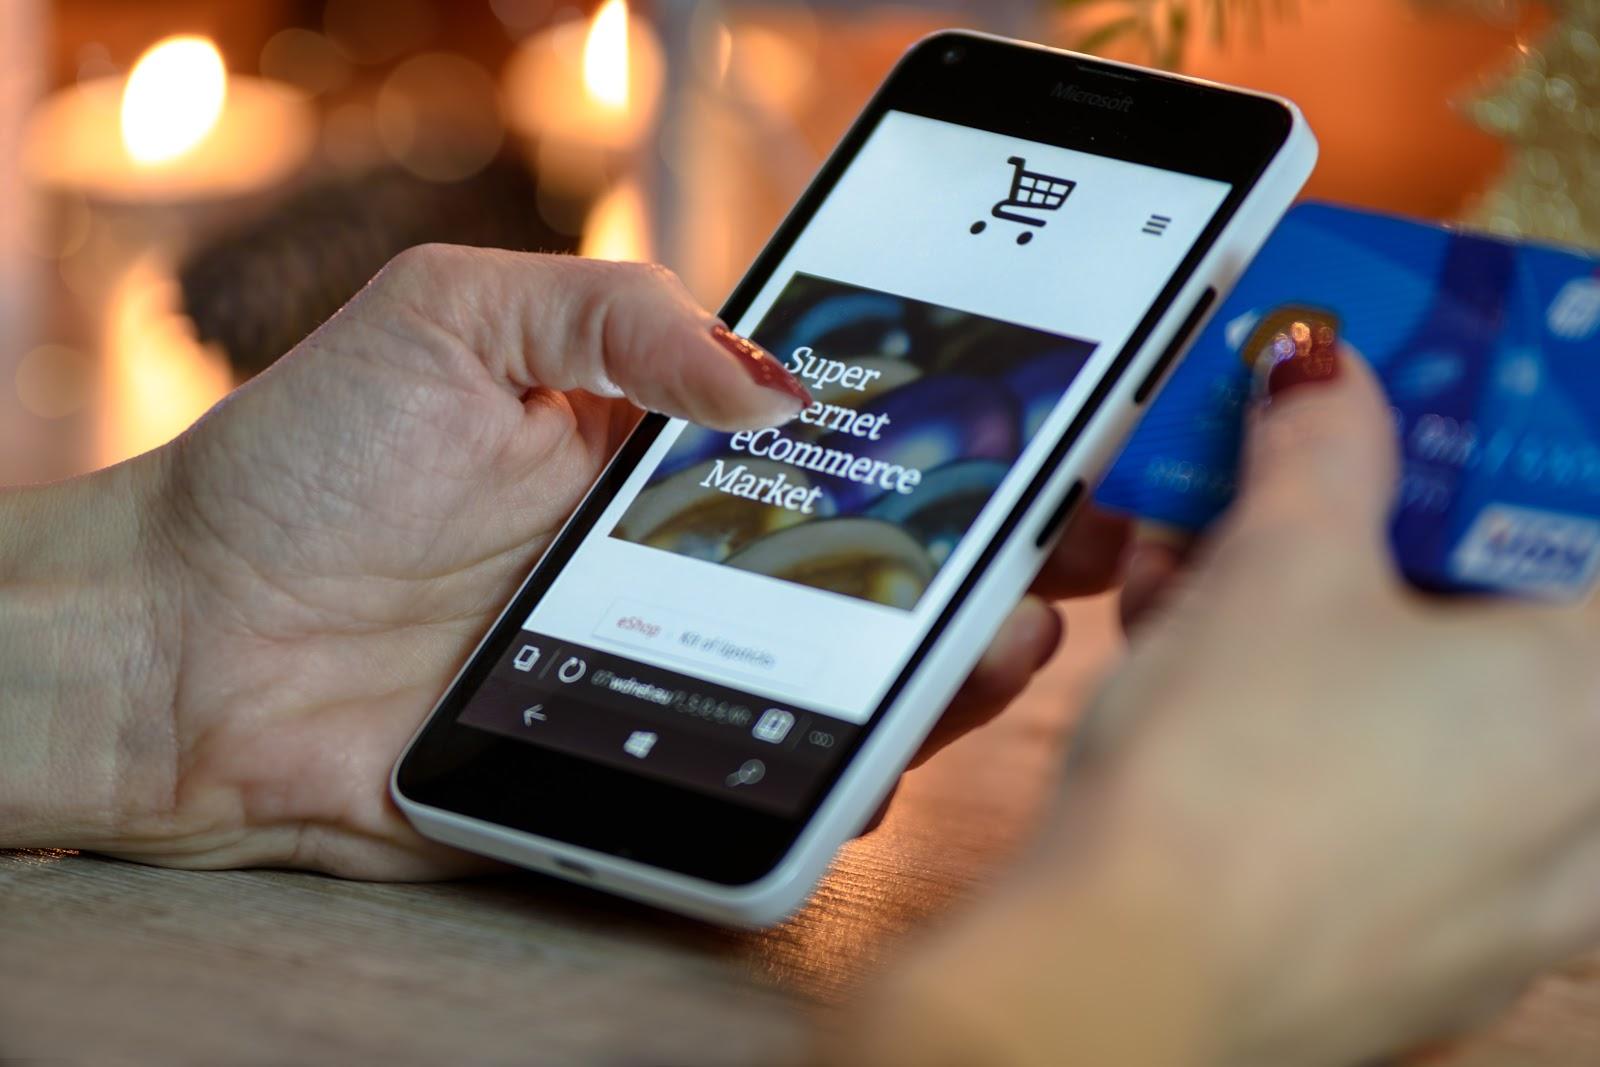 A person makes a purchase via their phone